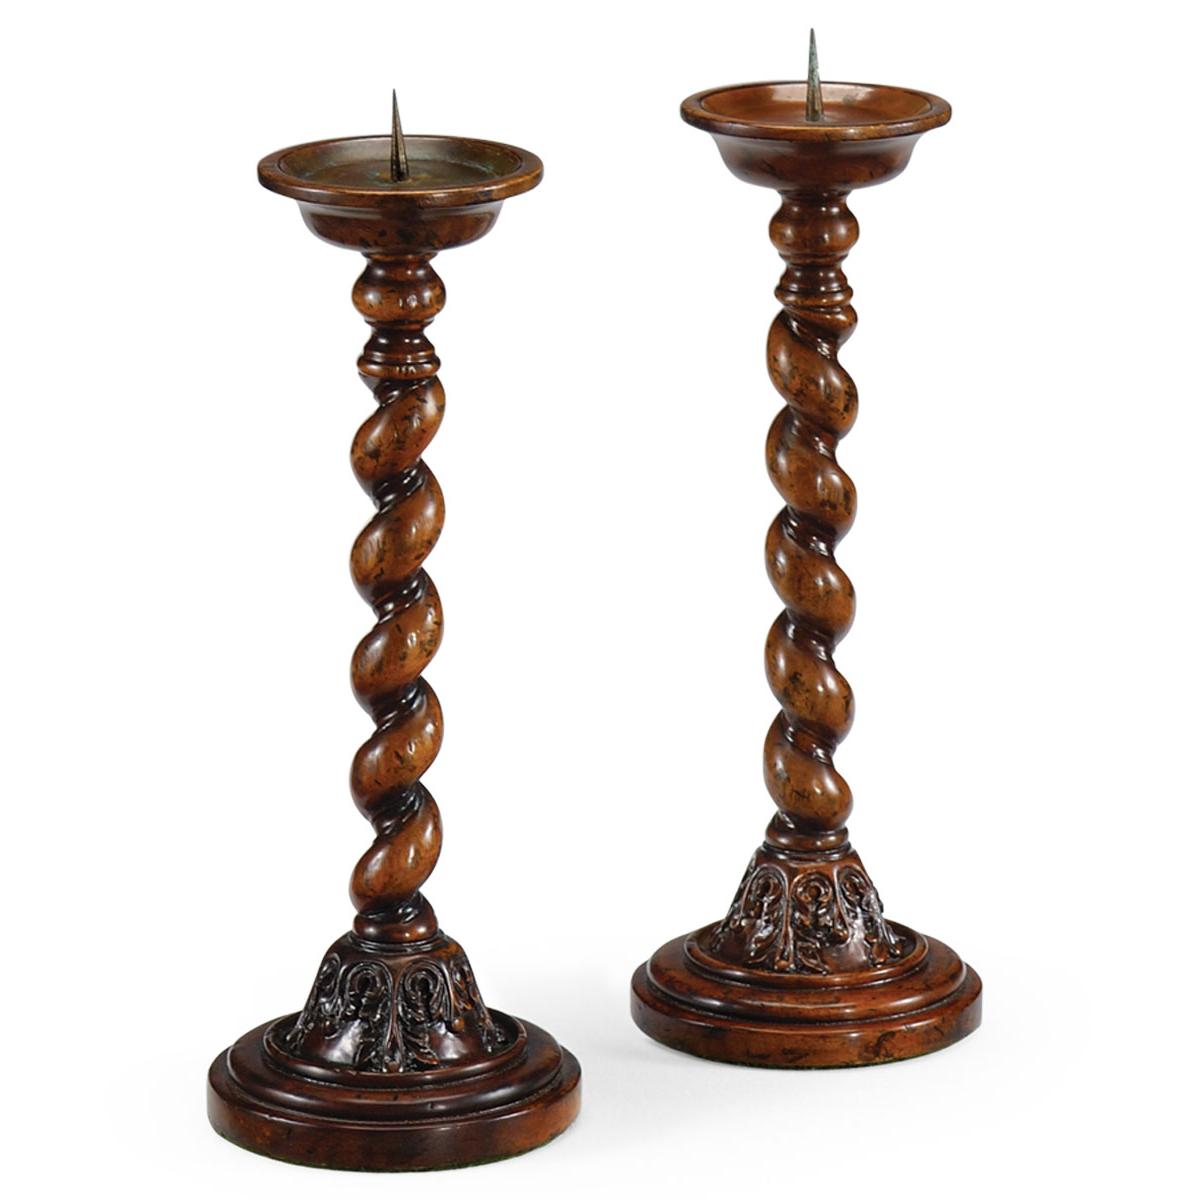 492032 Walnut twisted column candlesticks - на 360.ru: цены, описание, характеристики, где купить в Москве.